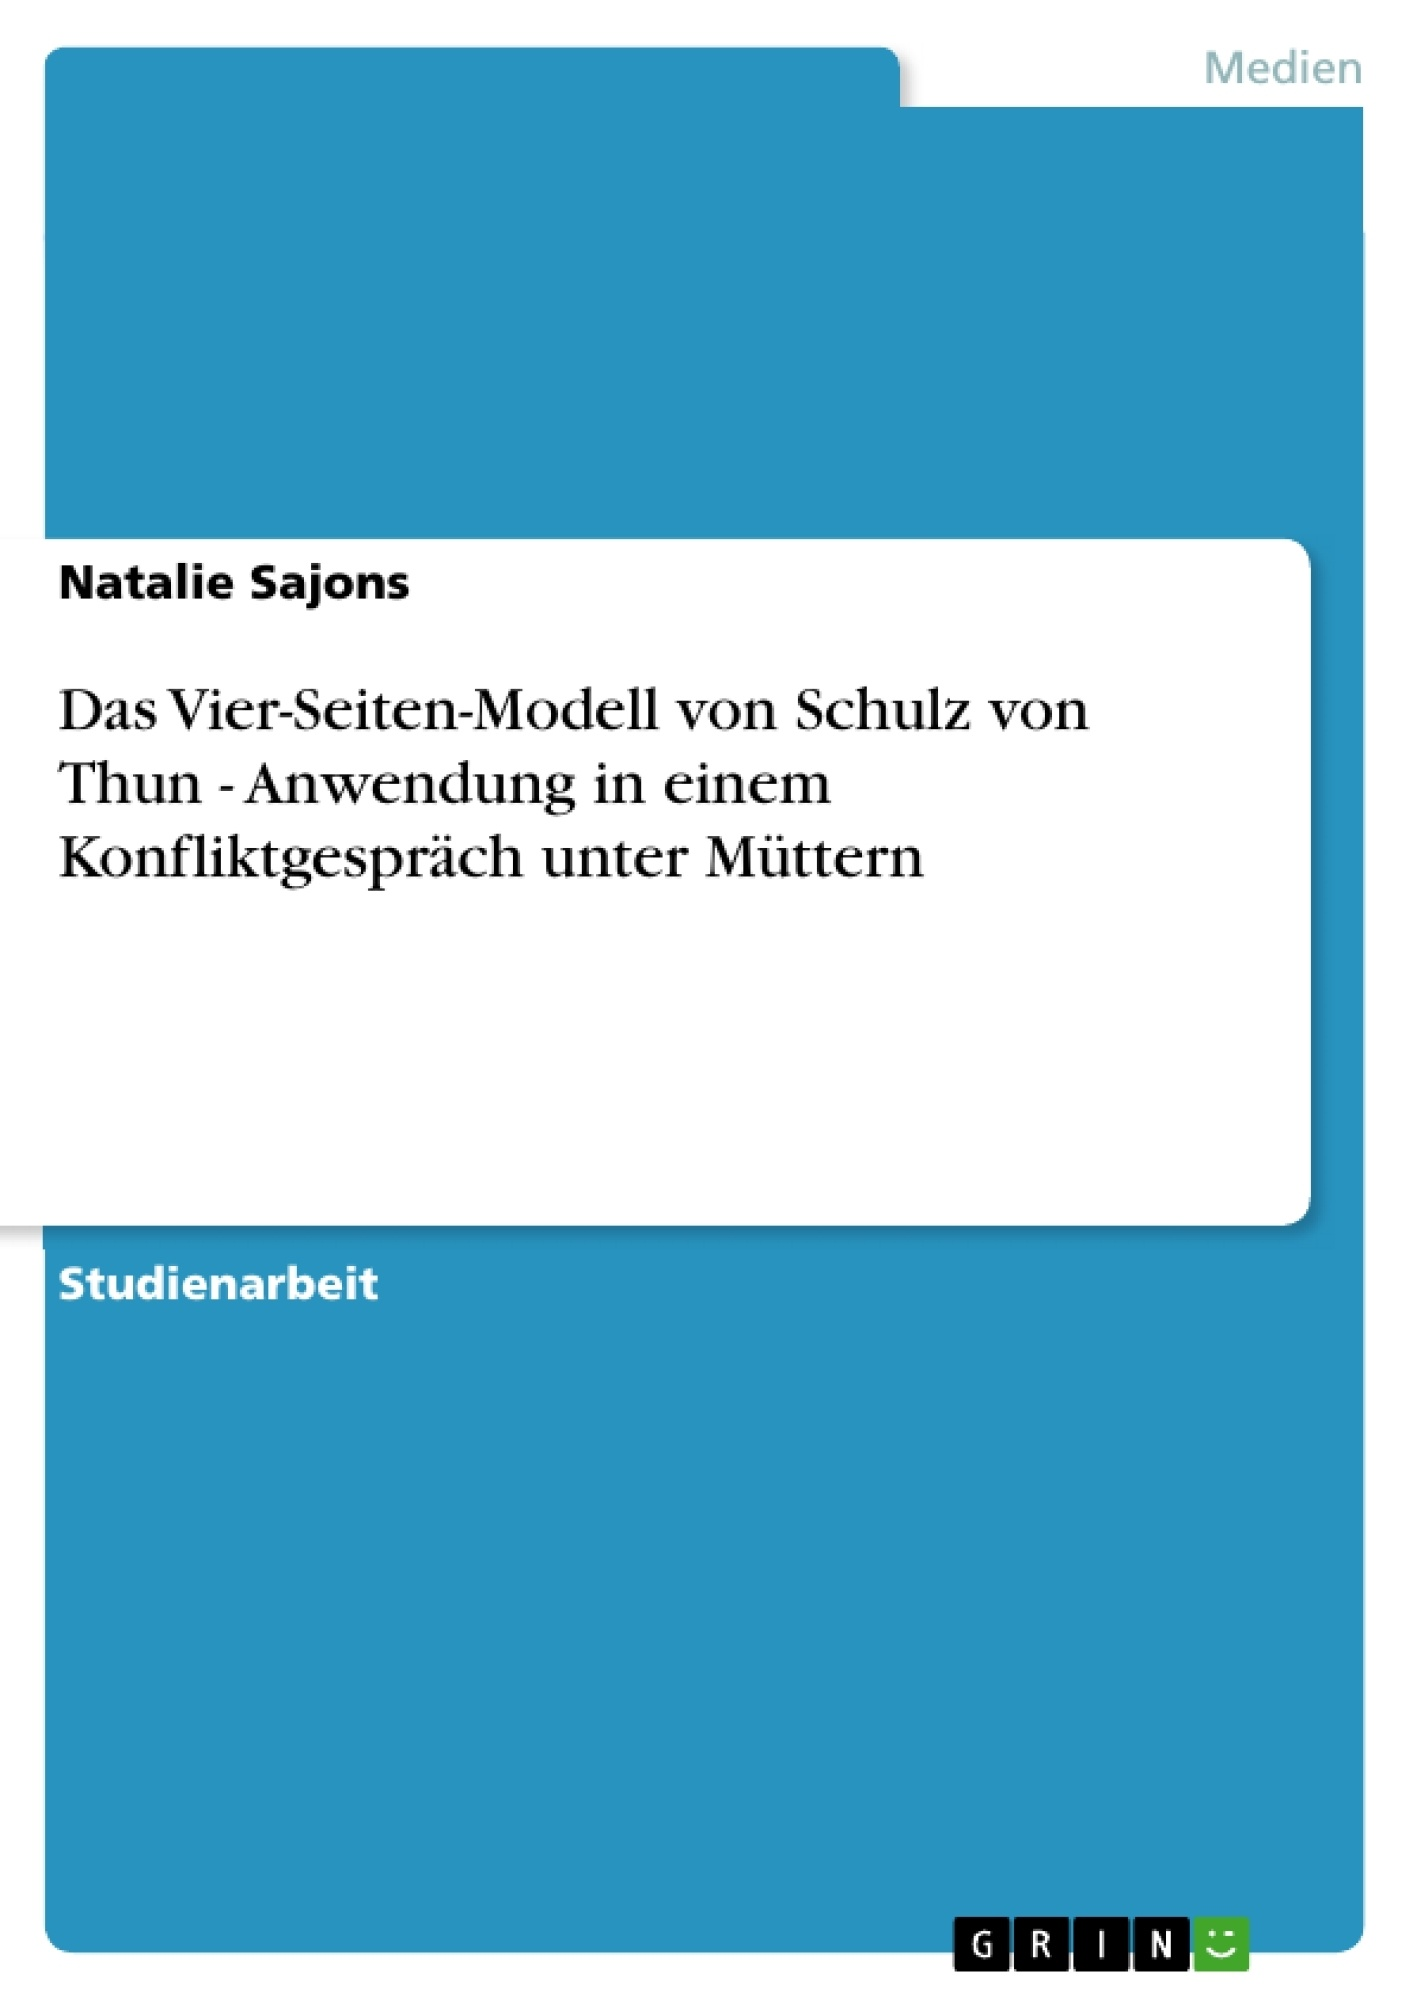 Titel: Das Vier-Seiten-Modell von Schulz von Thun - Anwendung in einem Konfliktgespräch unter Müttern